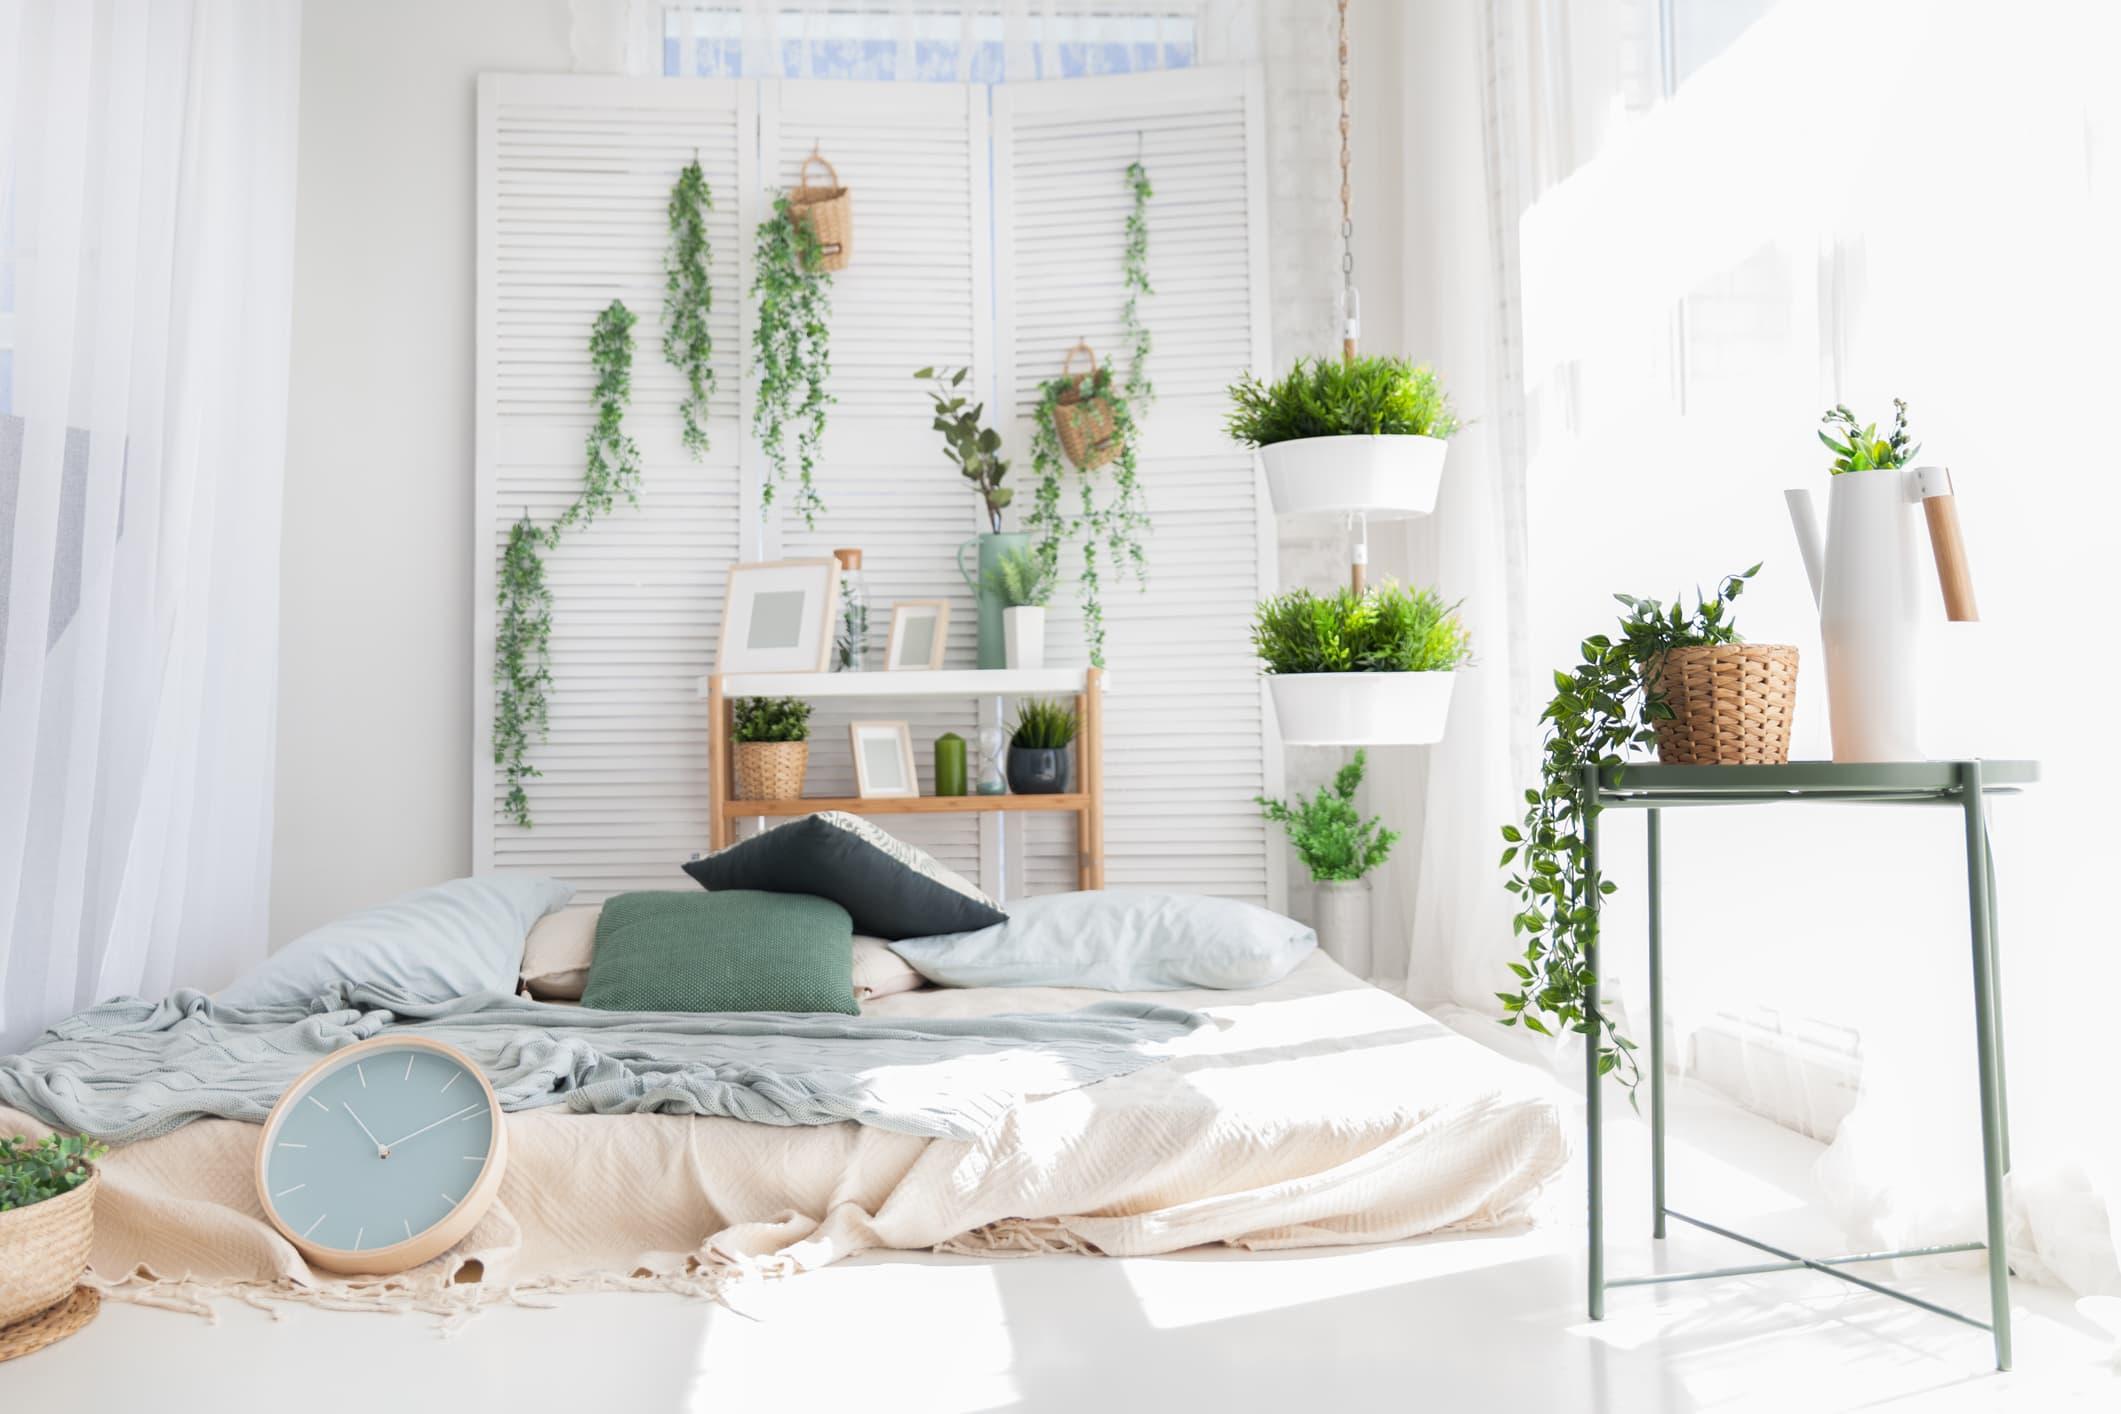 Ideas decorar habitaciones dormitorio pequeñas